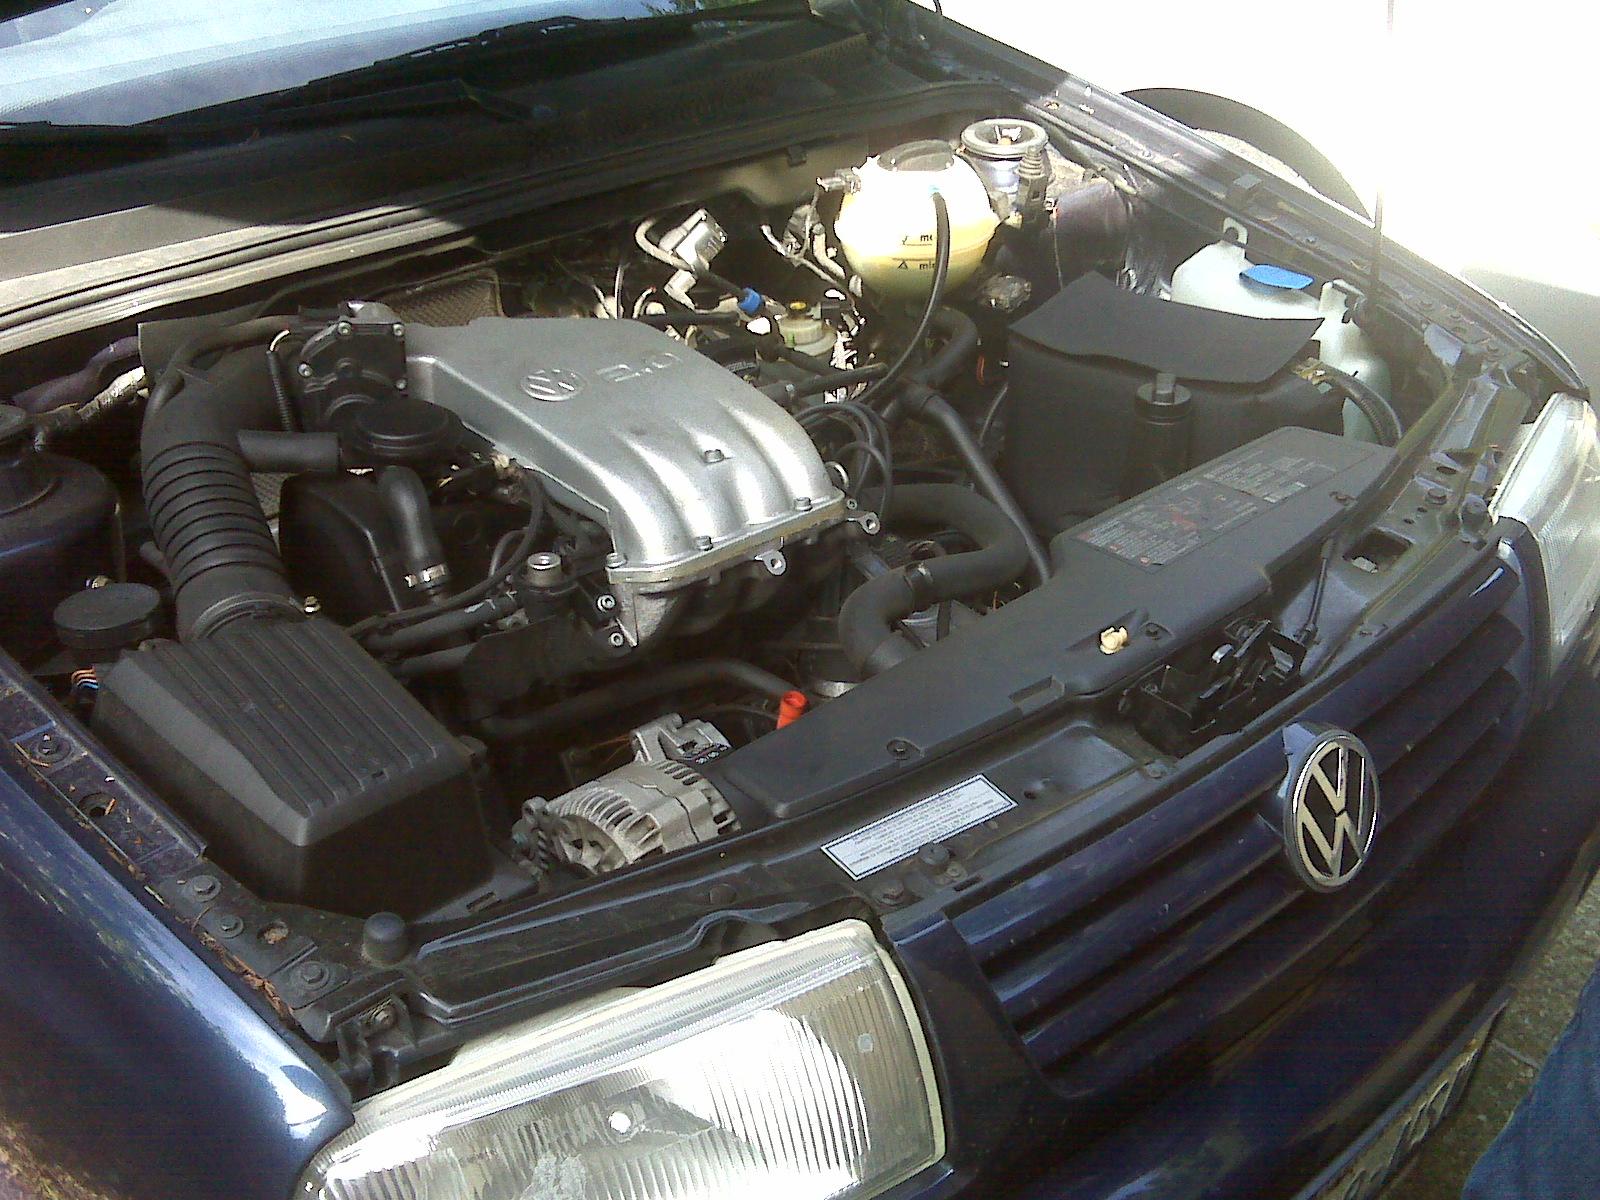 volkswagen jetta tdi engine diagram 1997 volkswagen jetta gl engine diagram #4